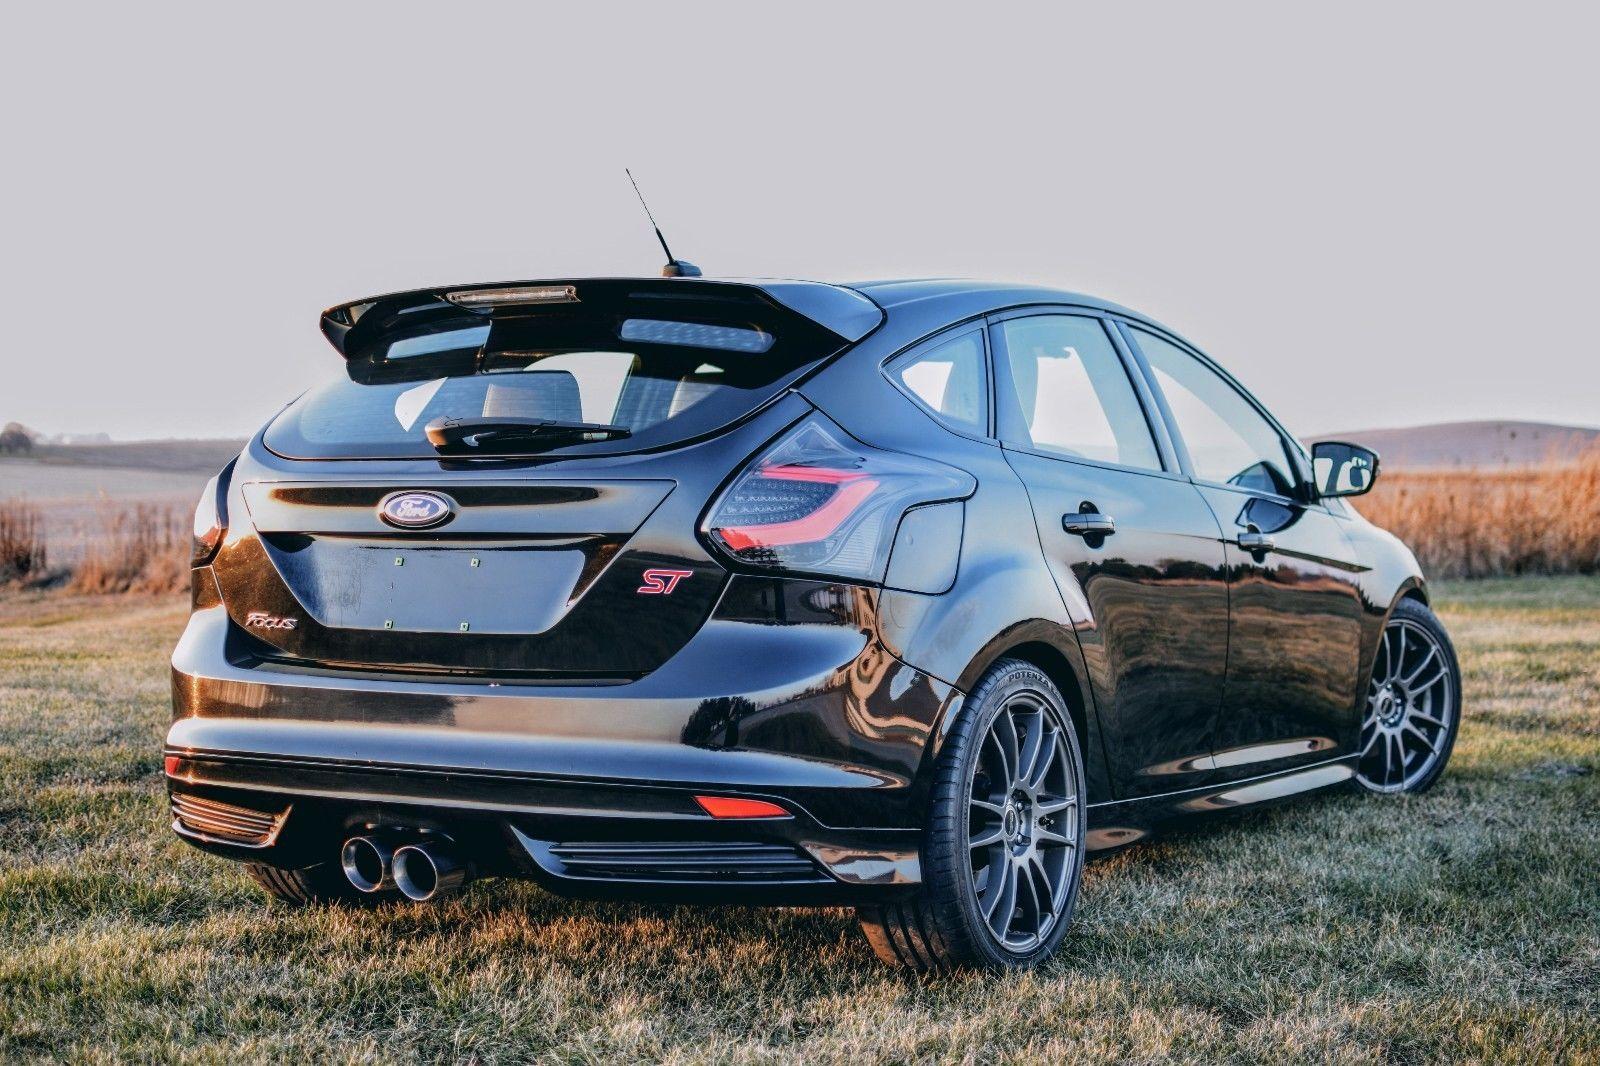 amazing 2013 ford focus st hatchback 4 door 2013 ford focus st st3 spec big turbo 400 whp. Black Bedroom Furniture Sets. Home Design Ideas